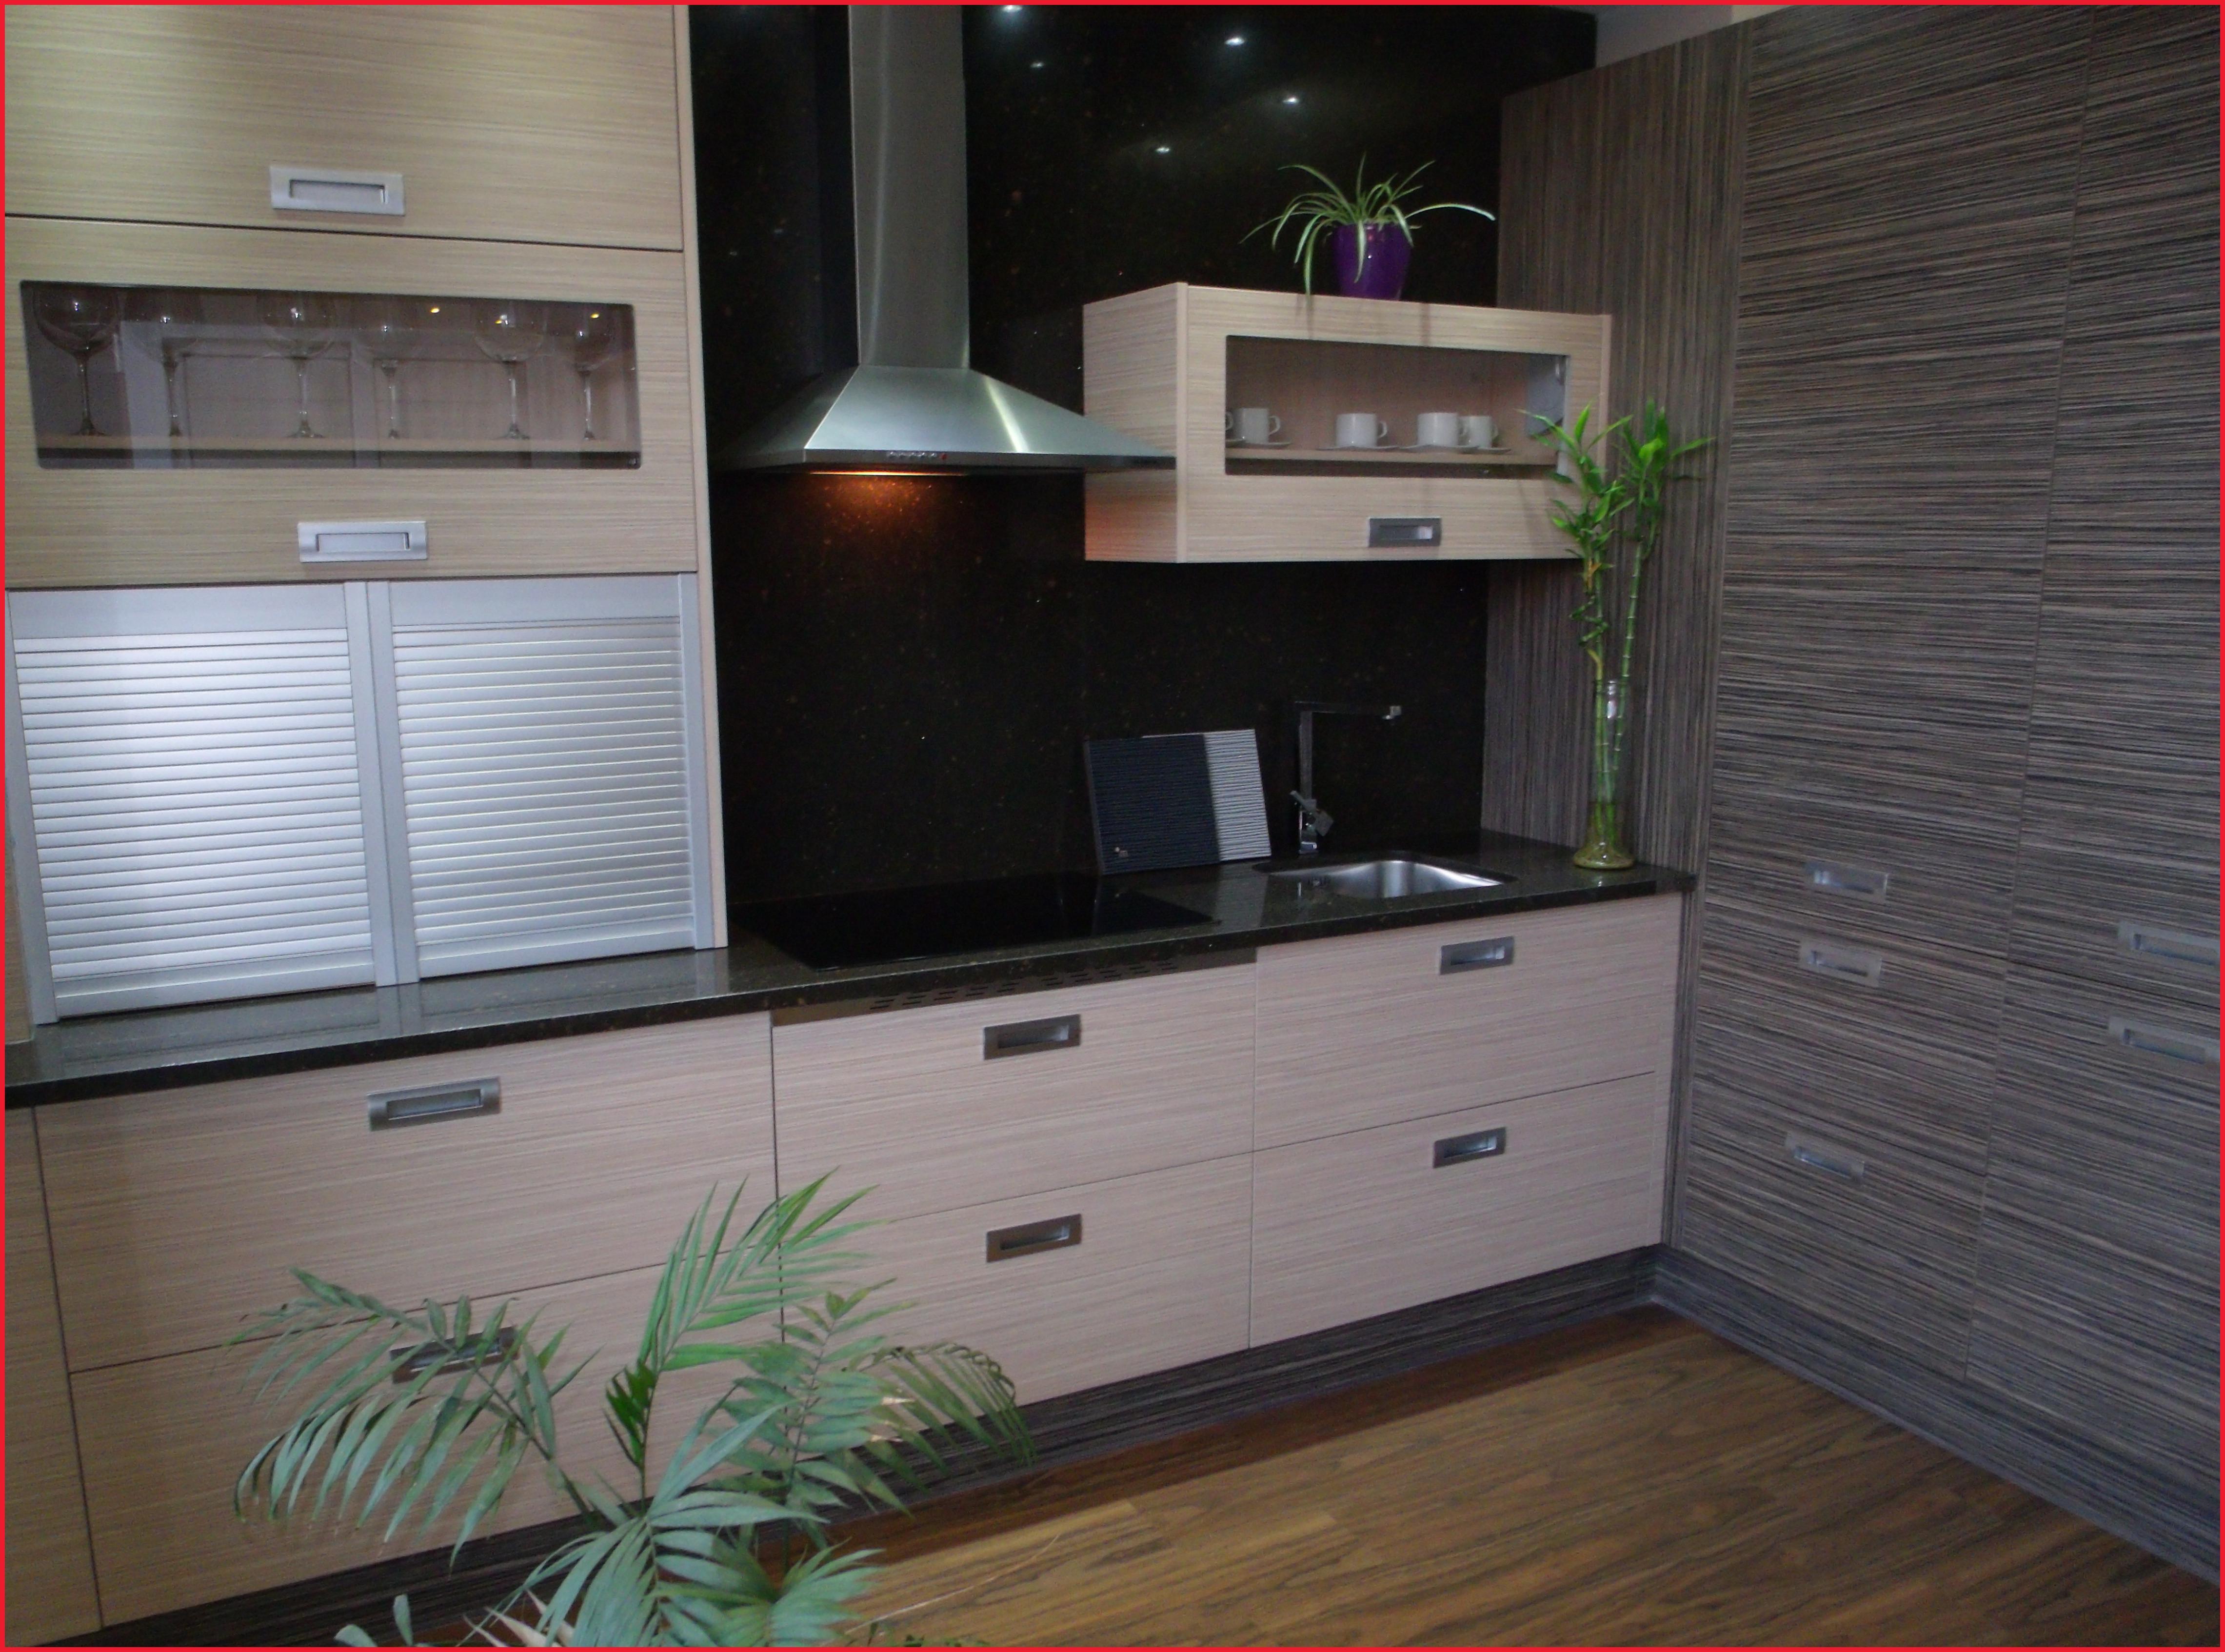 Venta De Muebles De Cocina Por Cambio De Exposicion E9dx Venta De Muebles De Cocina Por Cambio De Exposicion Muebles